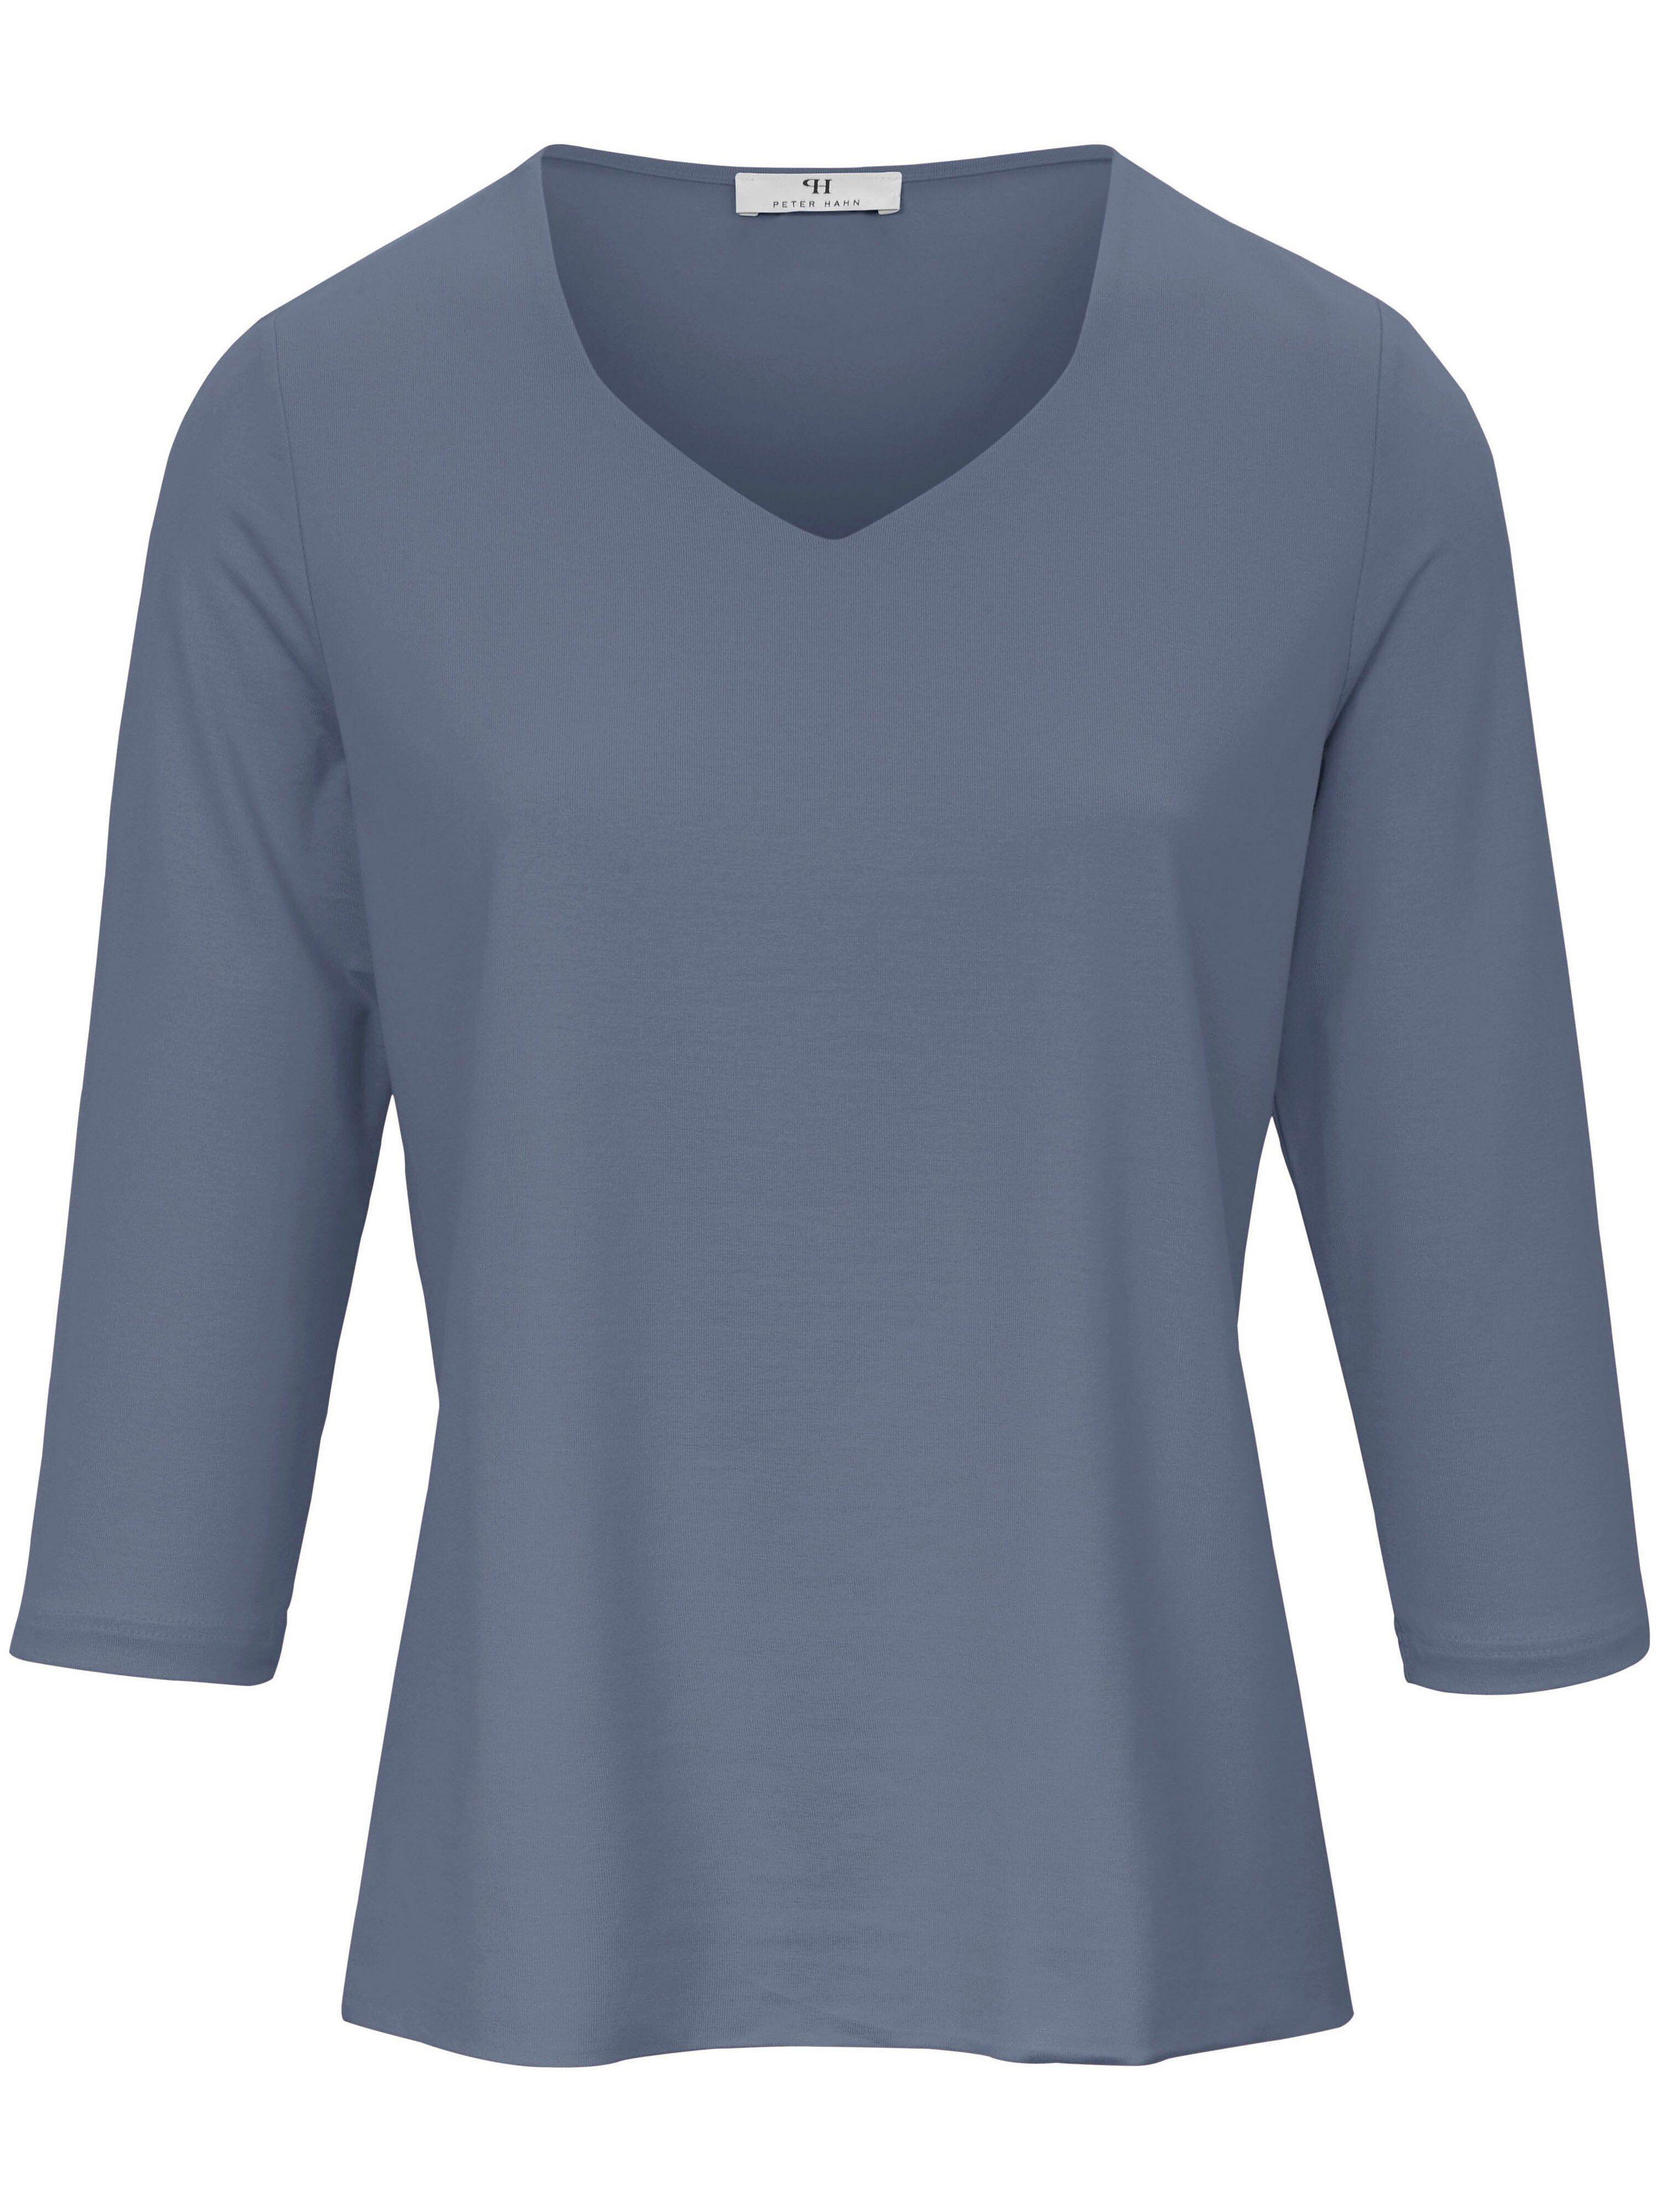 Peter Hahn Le T-shirt manches 3/4  Peter Hahn bleu  - Femme - 54